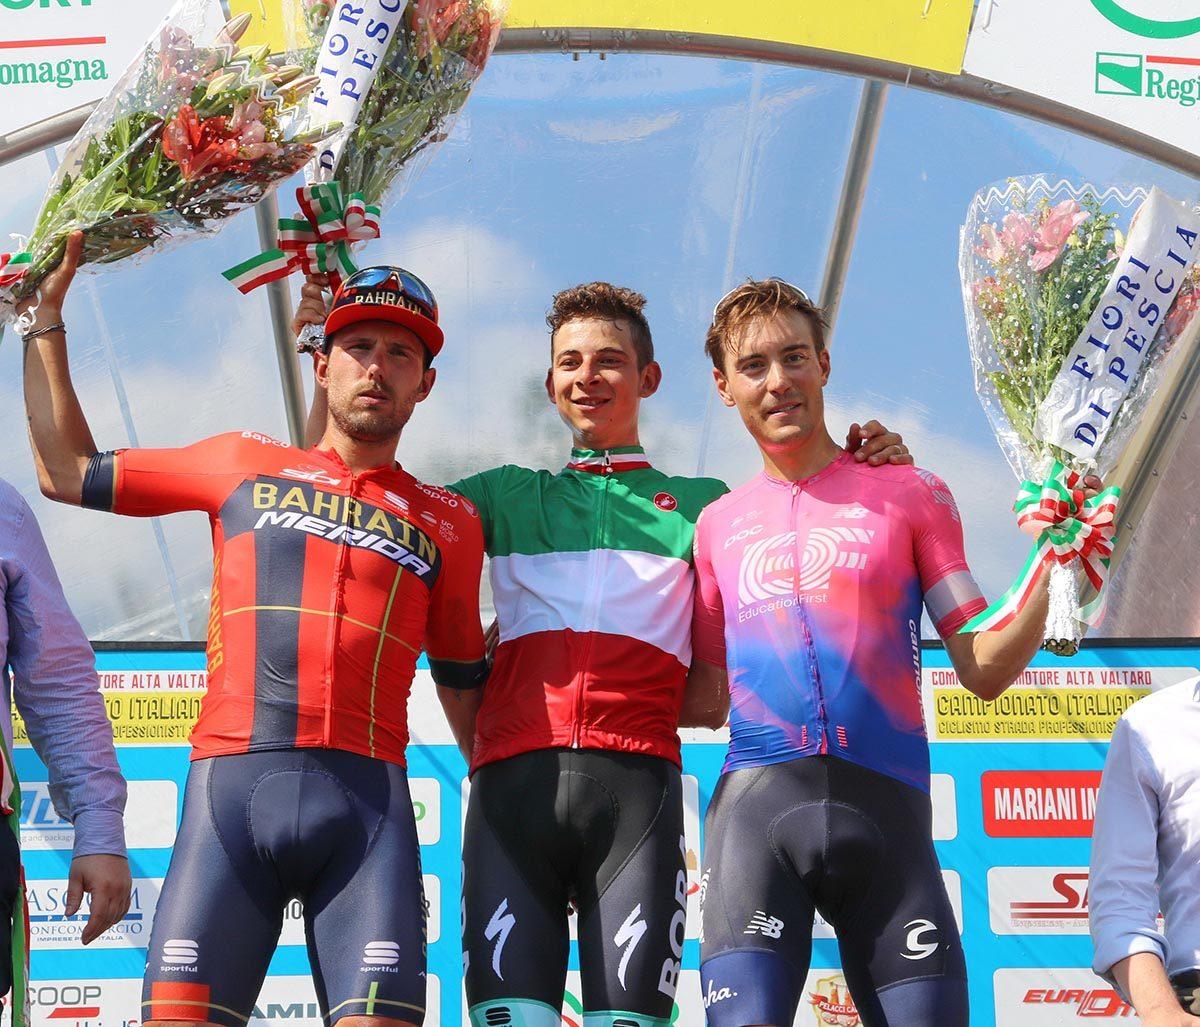 Campionato Italiano professionisti 2019 vinto da Davide Formolo (foto Photobicicailotto)